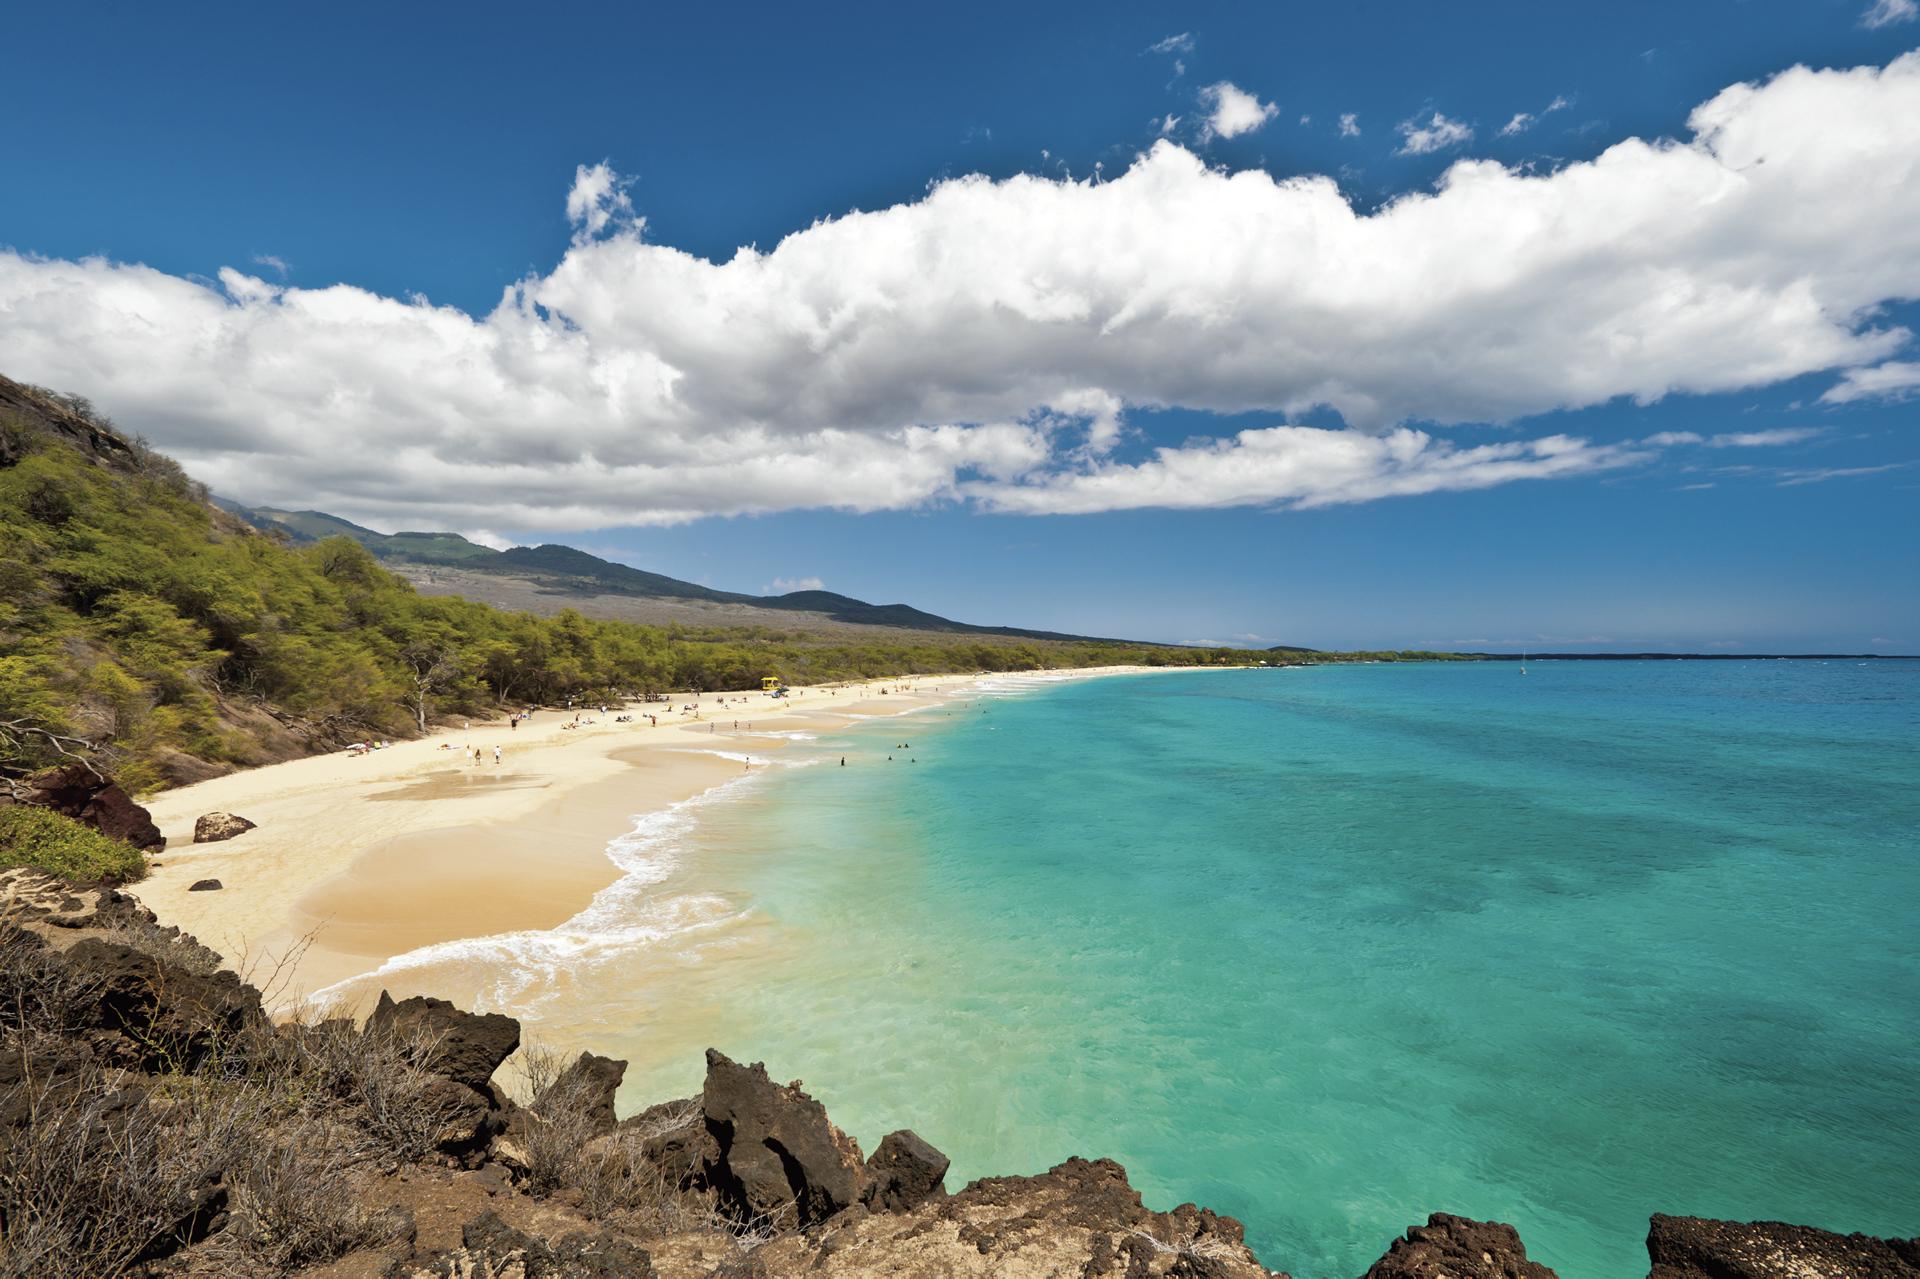 Blick auf den Strand von Maui